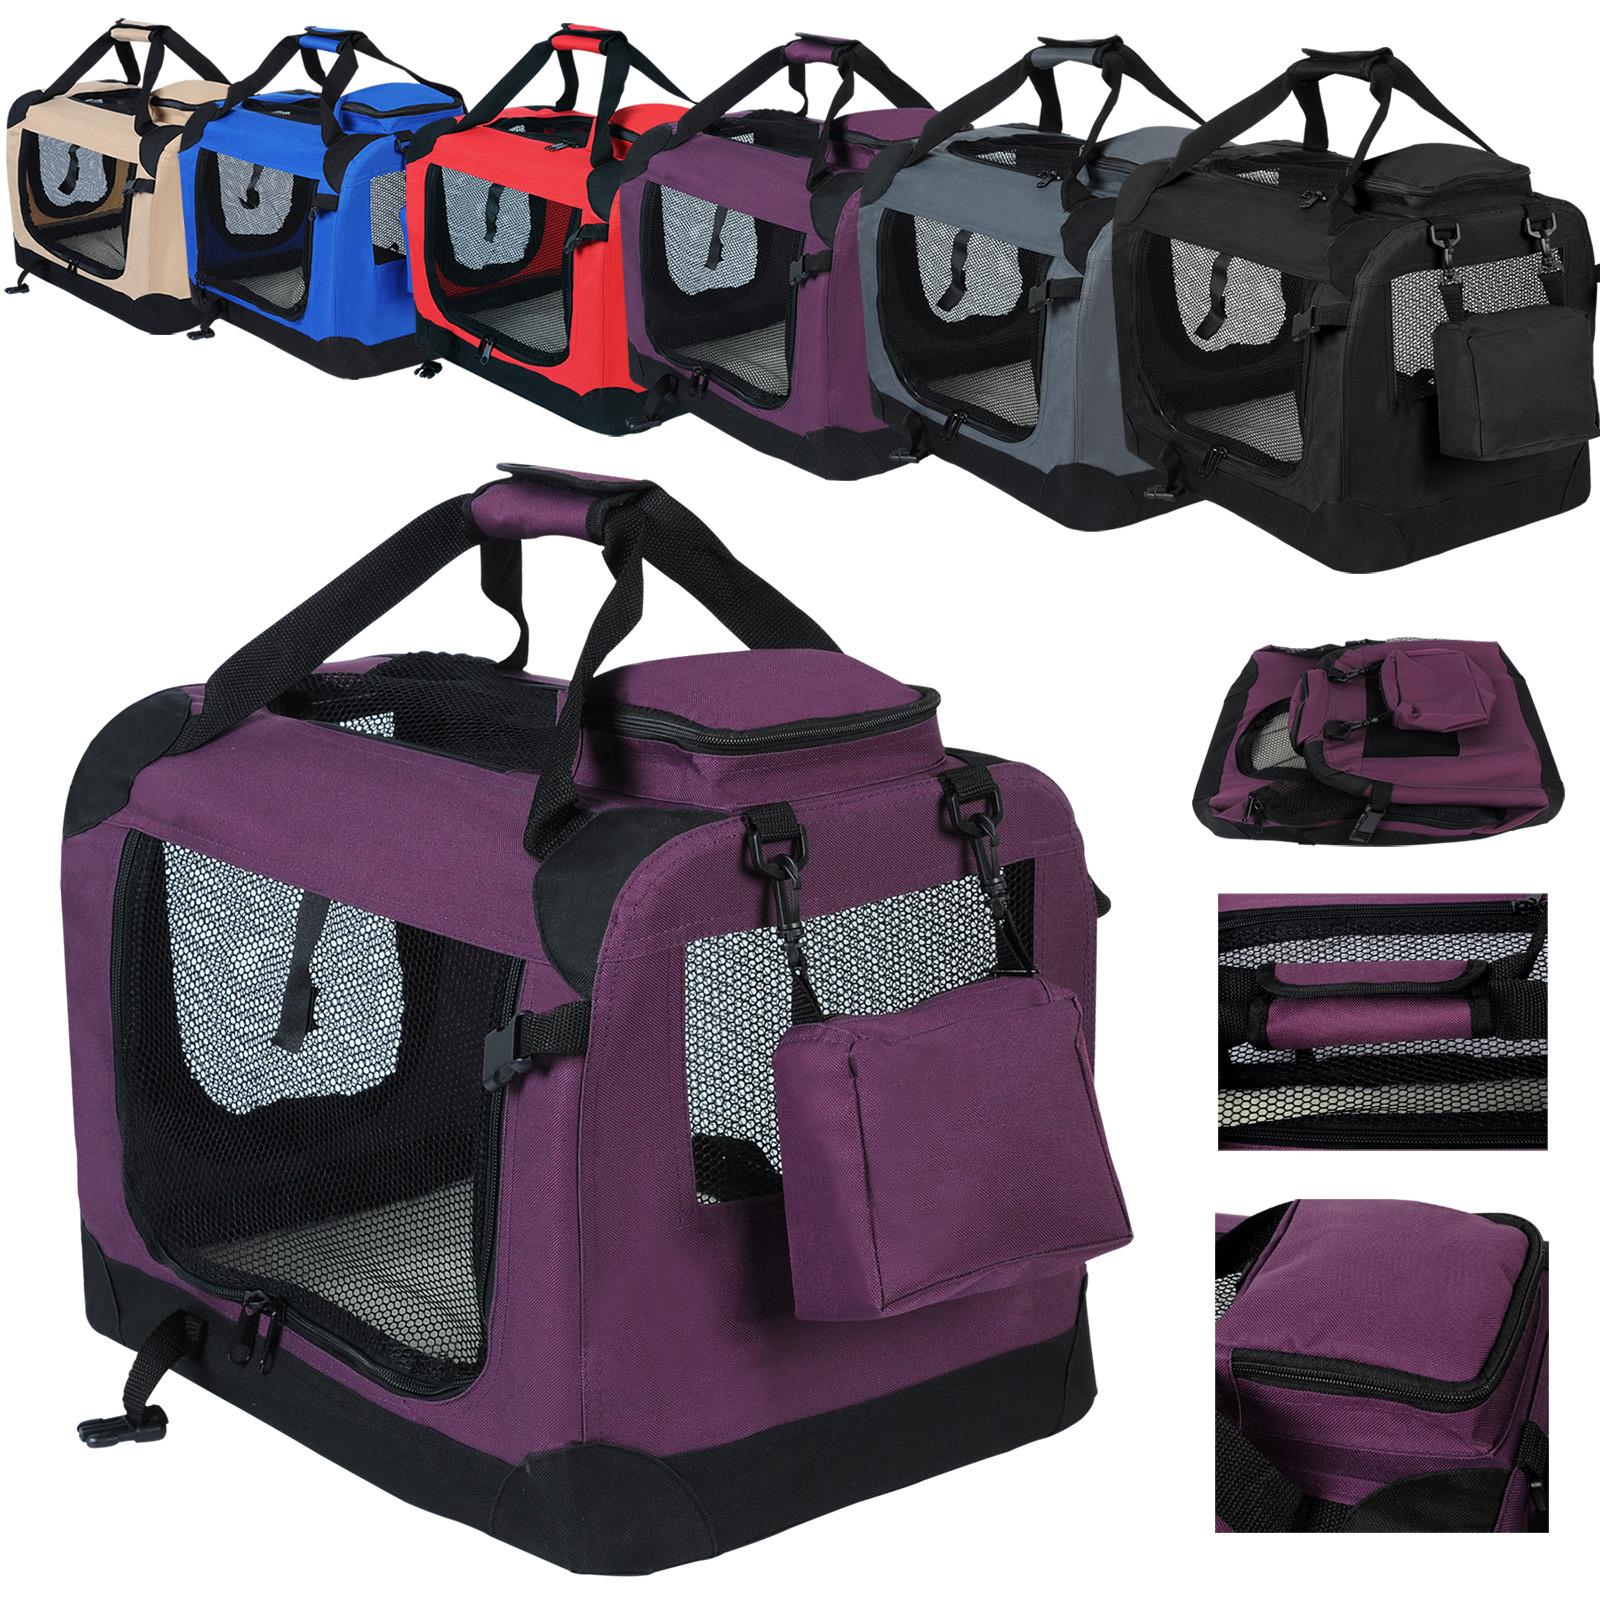 faltbare hundebox hundetransportbox reisebox auto hunde. Black Bedroom Furniture Sets. Home Design Ideas